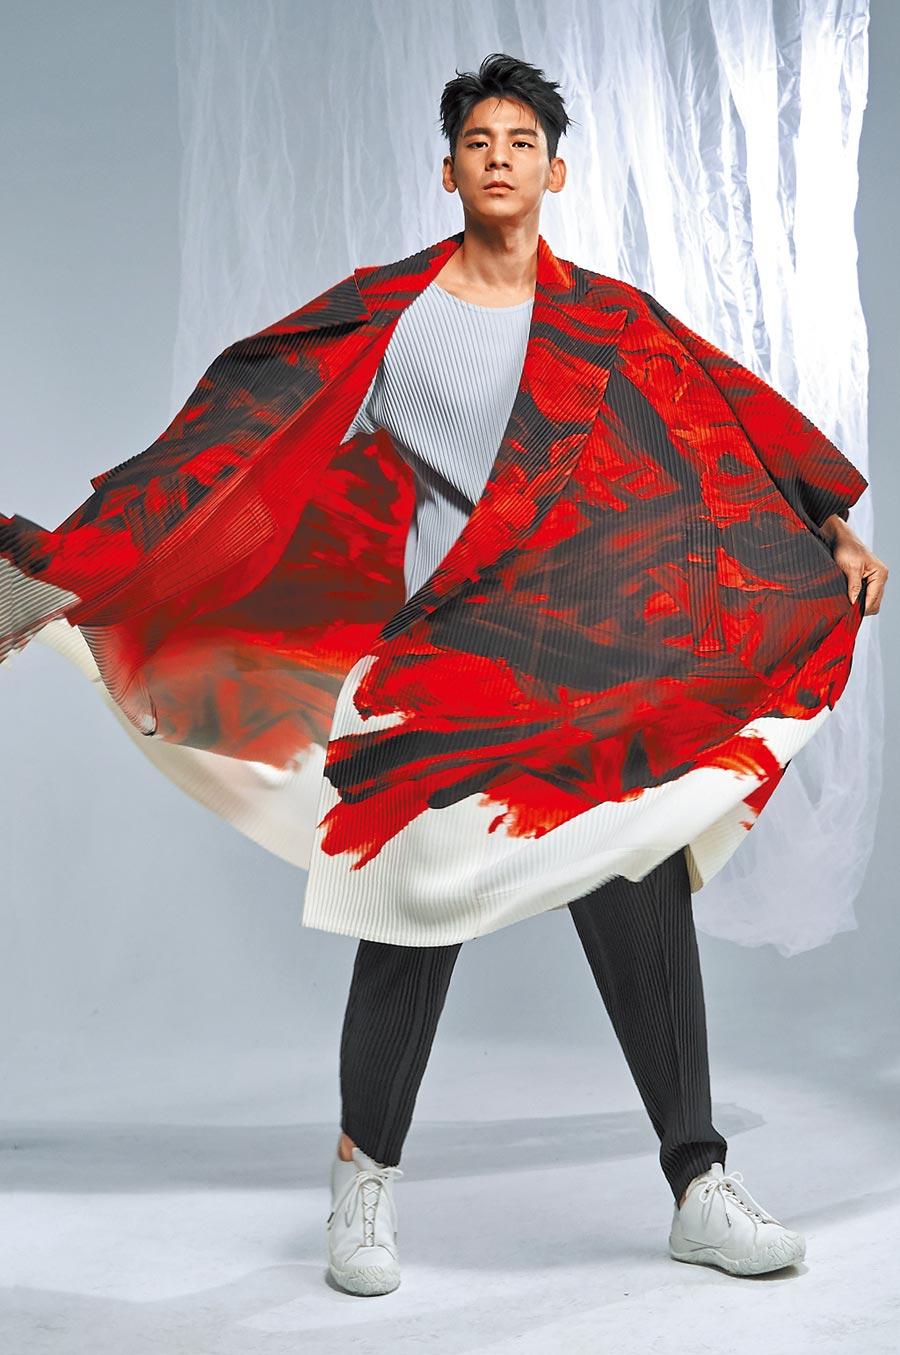 林柏宏喜歡穿寬鬆設計。三宅一生HOMME PLISSE ISSEY MIYAKE紅色耀彩手繪和服大衣4萬3300元、淺灰色基本款圓領短袖T恤5800元、橡樹灰色礦彩壓褶錐形褲1萬300元。(攝影/JOJ PHOTO.妝髮/陳詩晴Che-shih-ching、Garden-80's Studio)